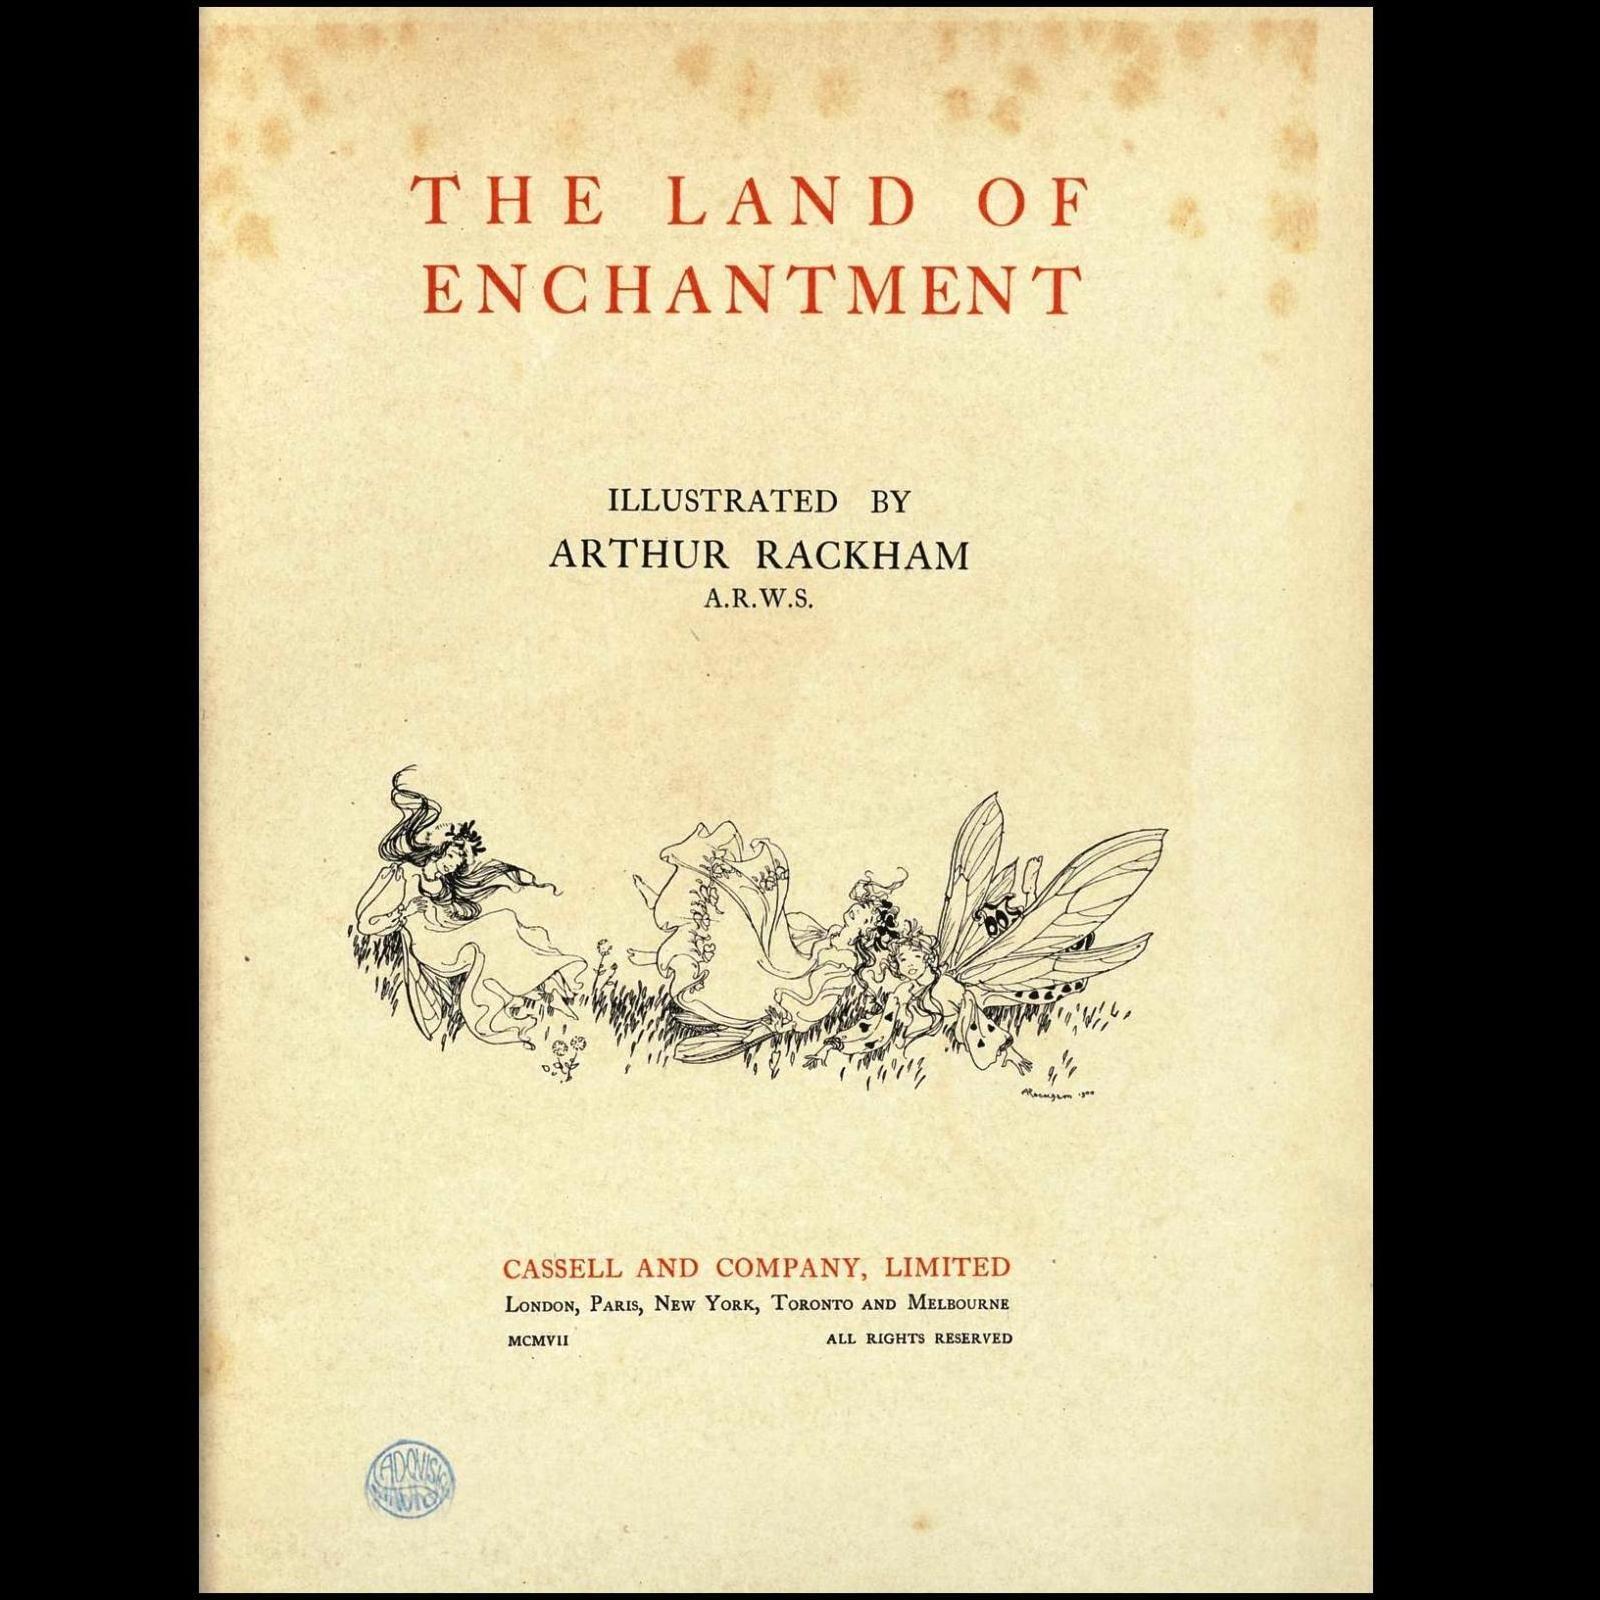 46 Arthur Rackham